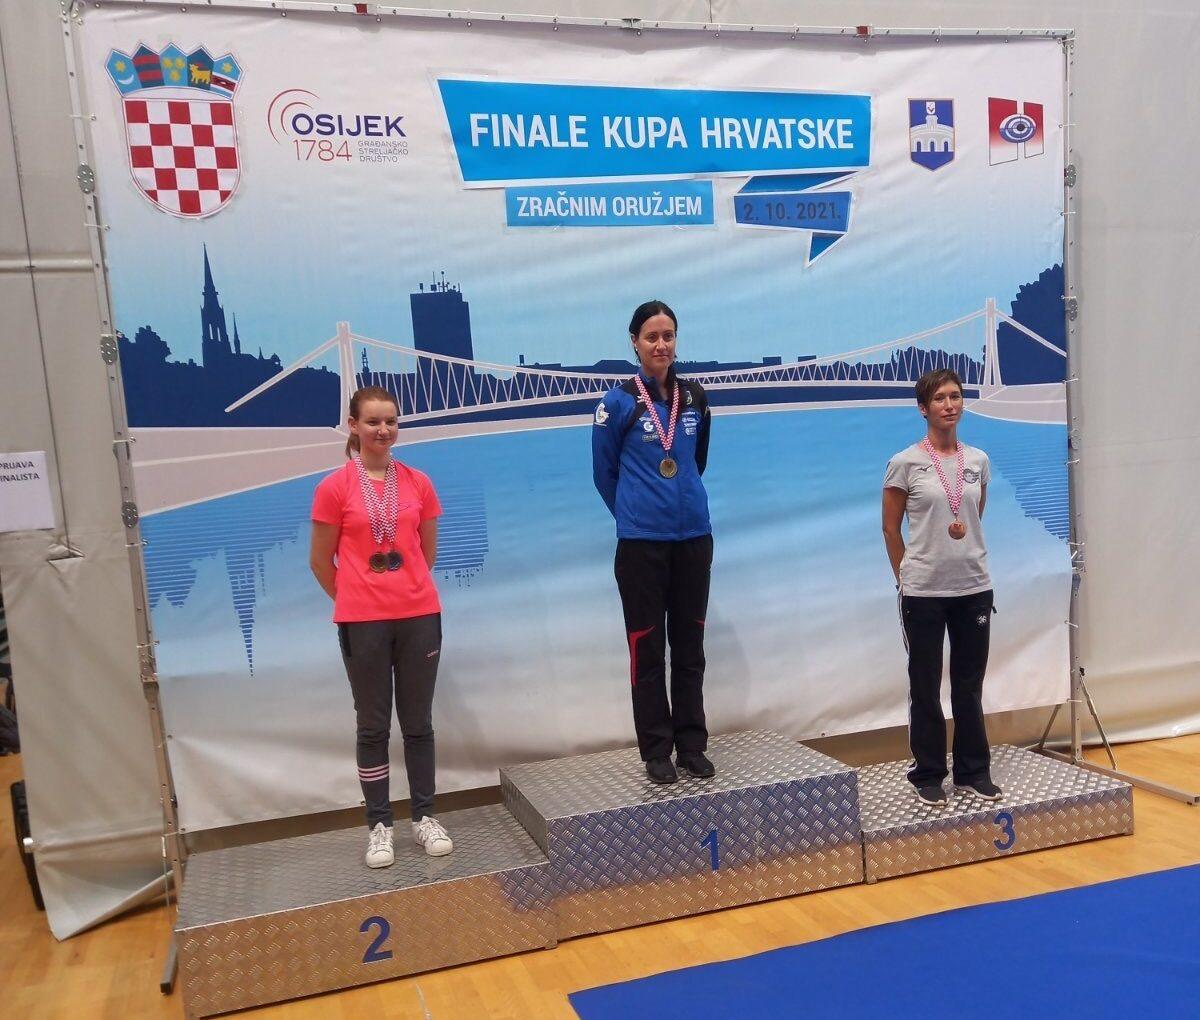 Zlatka brončana na Finalu kupa hrvatske